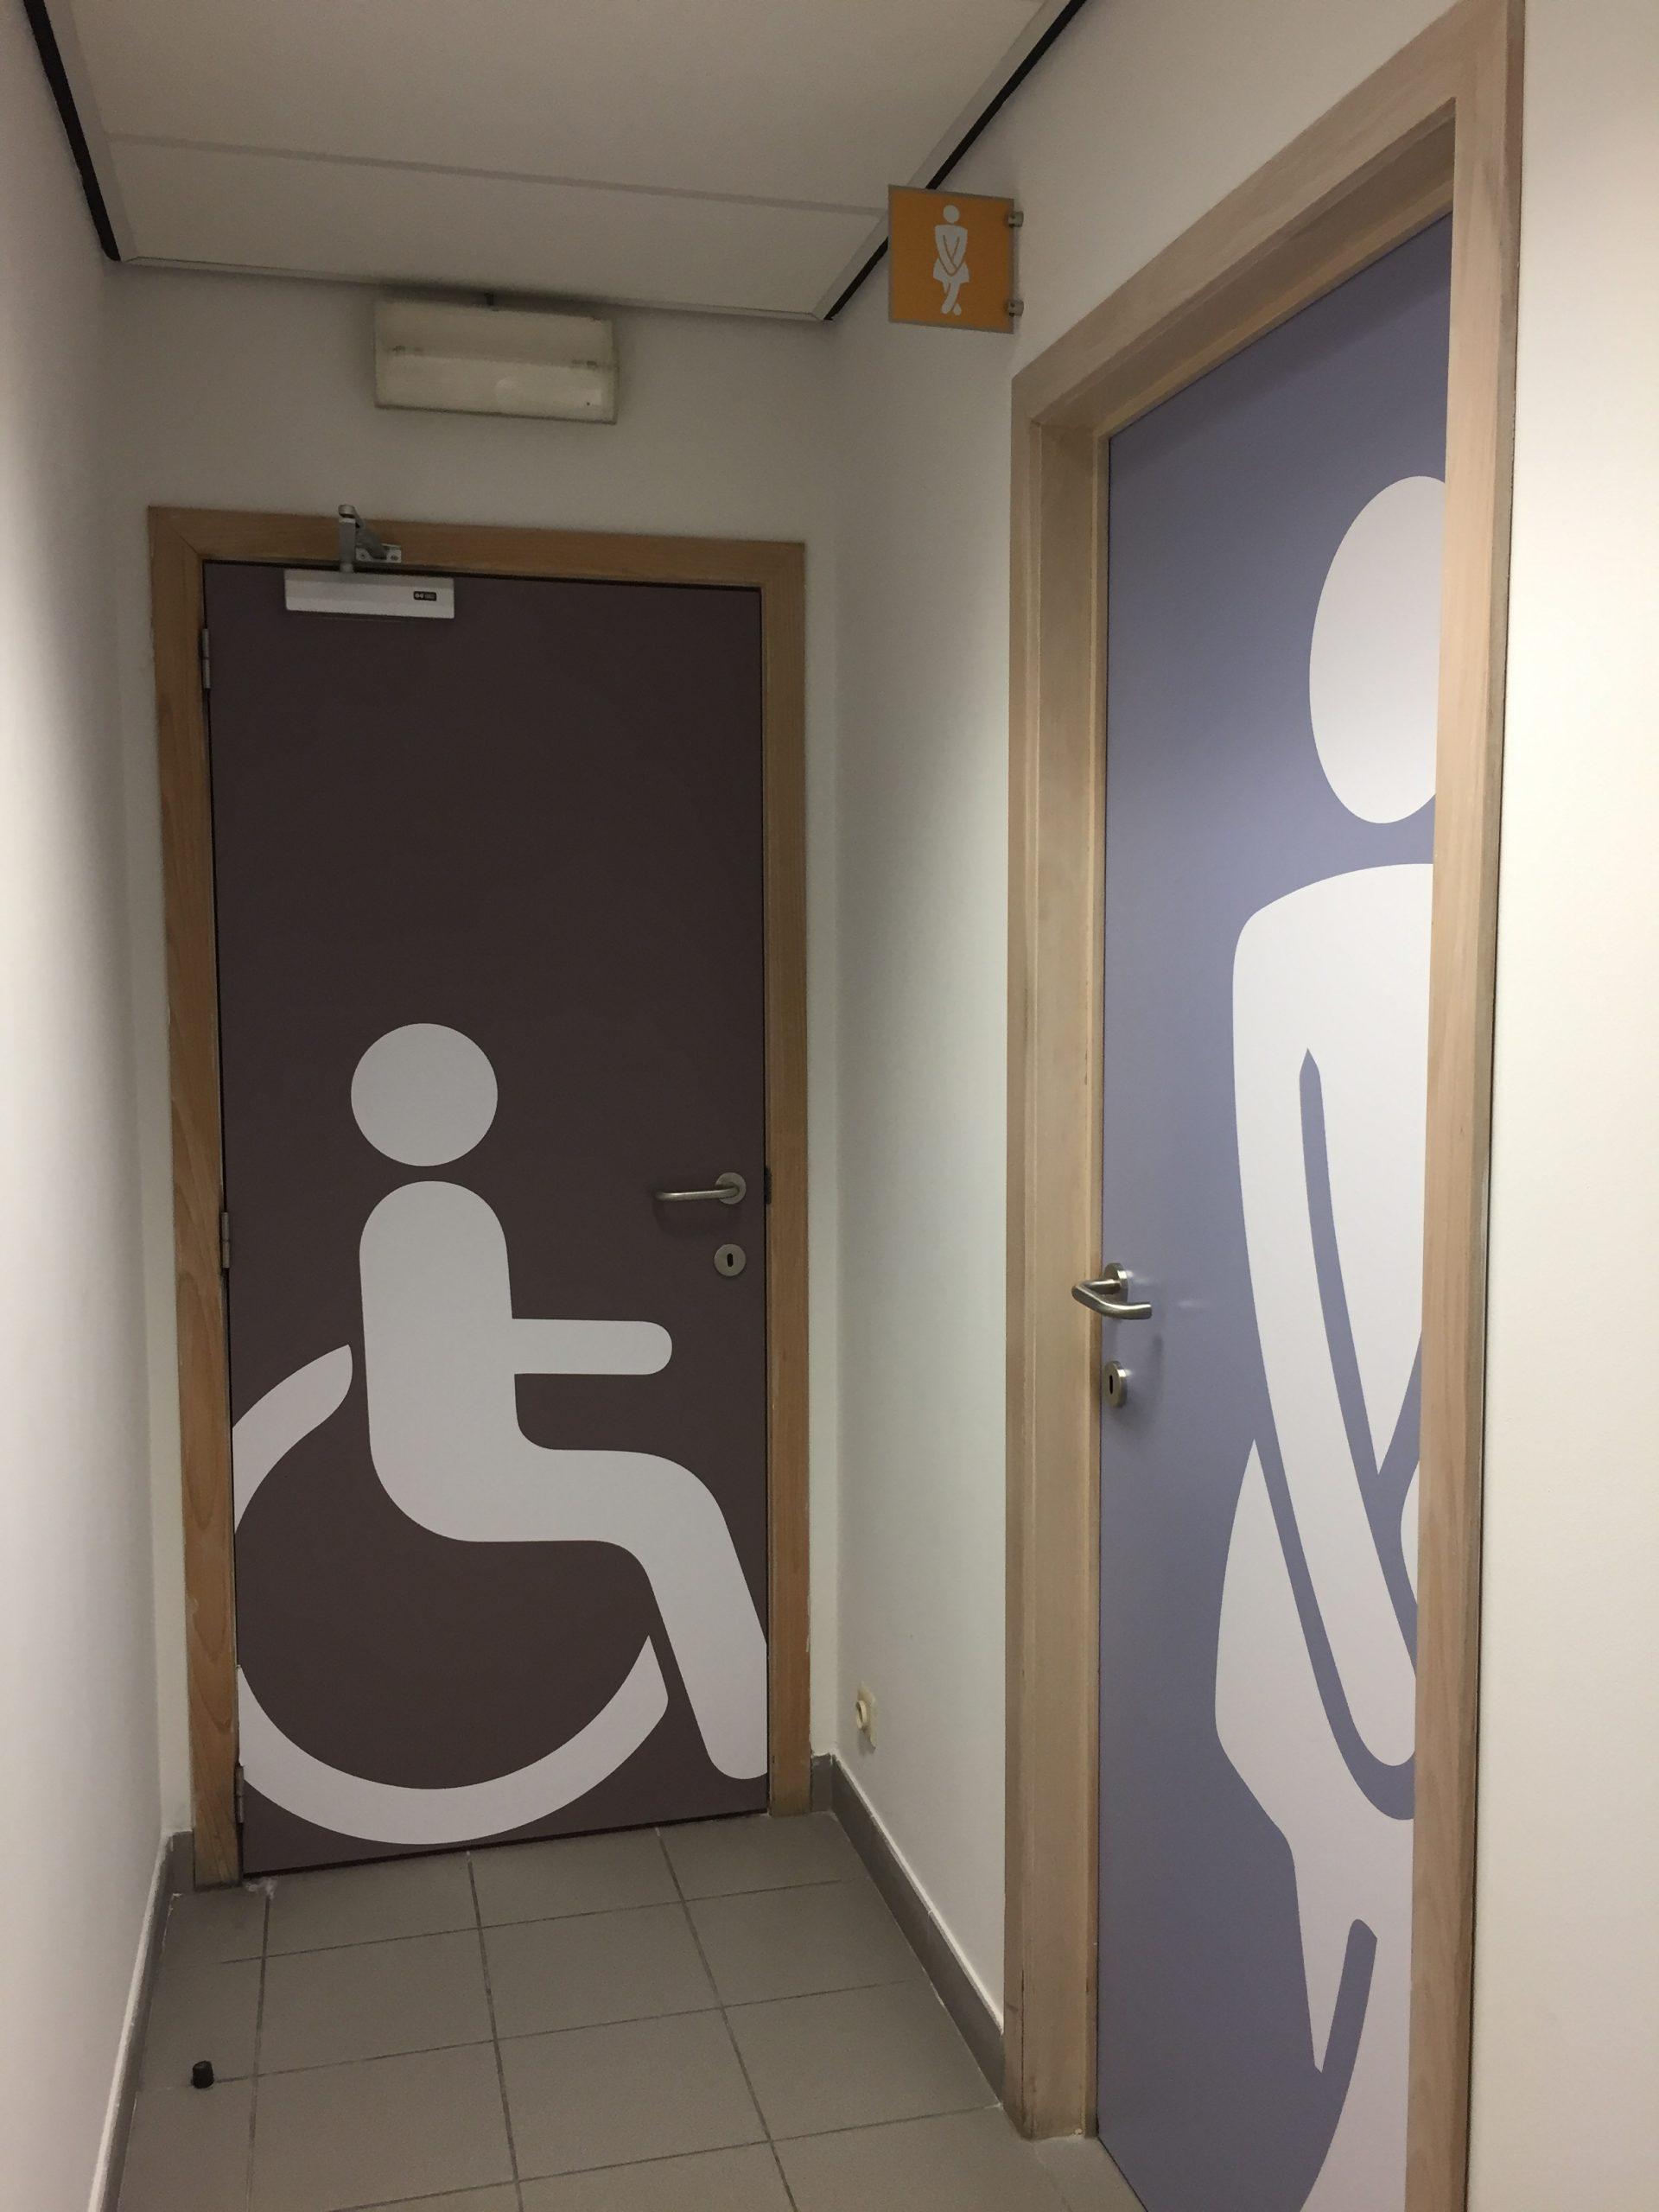 Wayfinding – stickers om de toiletruimte aan te geven in het gebouw van BLA by actual sign member of the remotec group